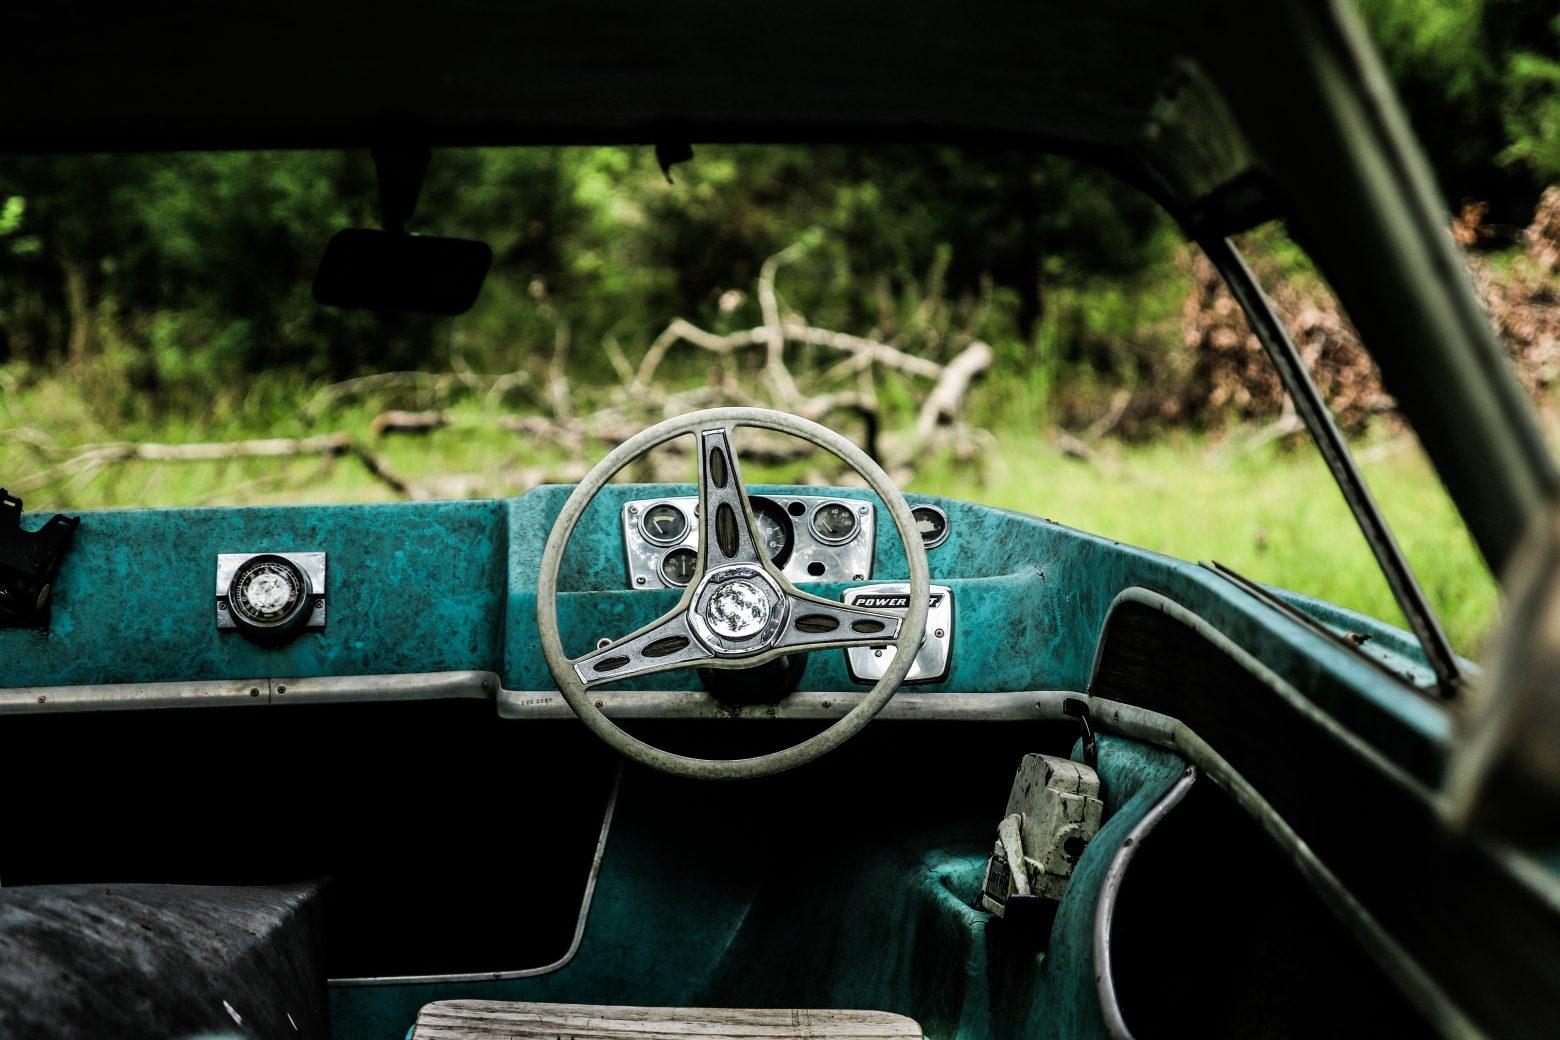 Inside an old car